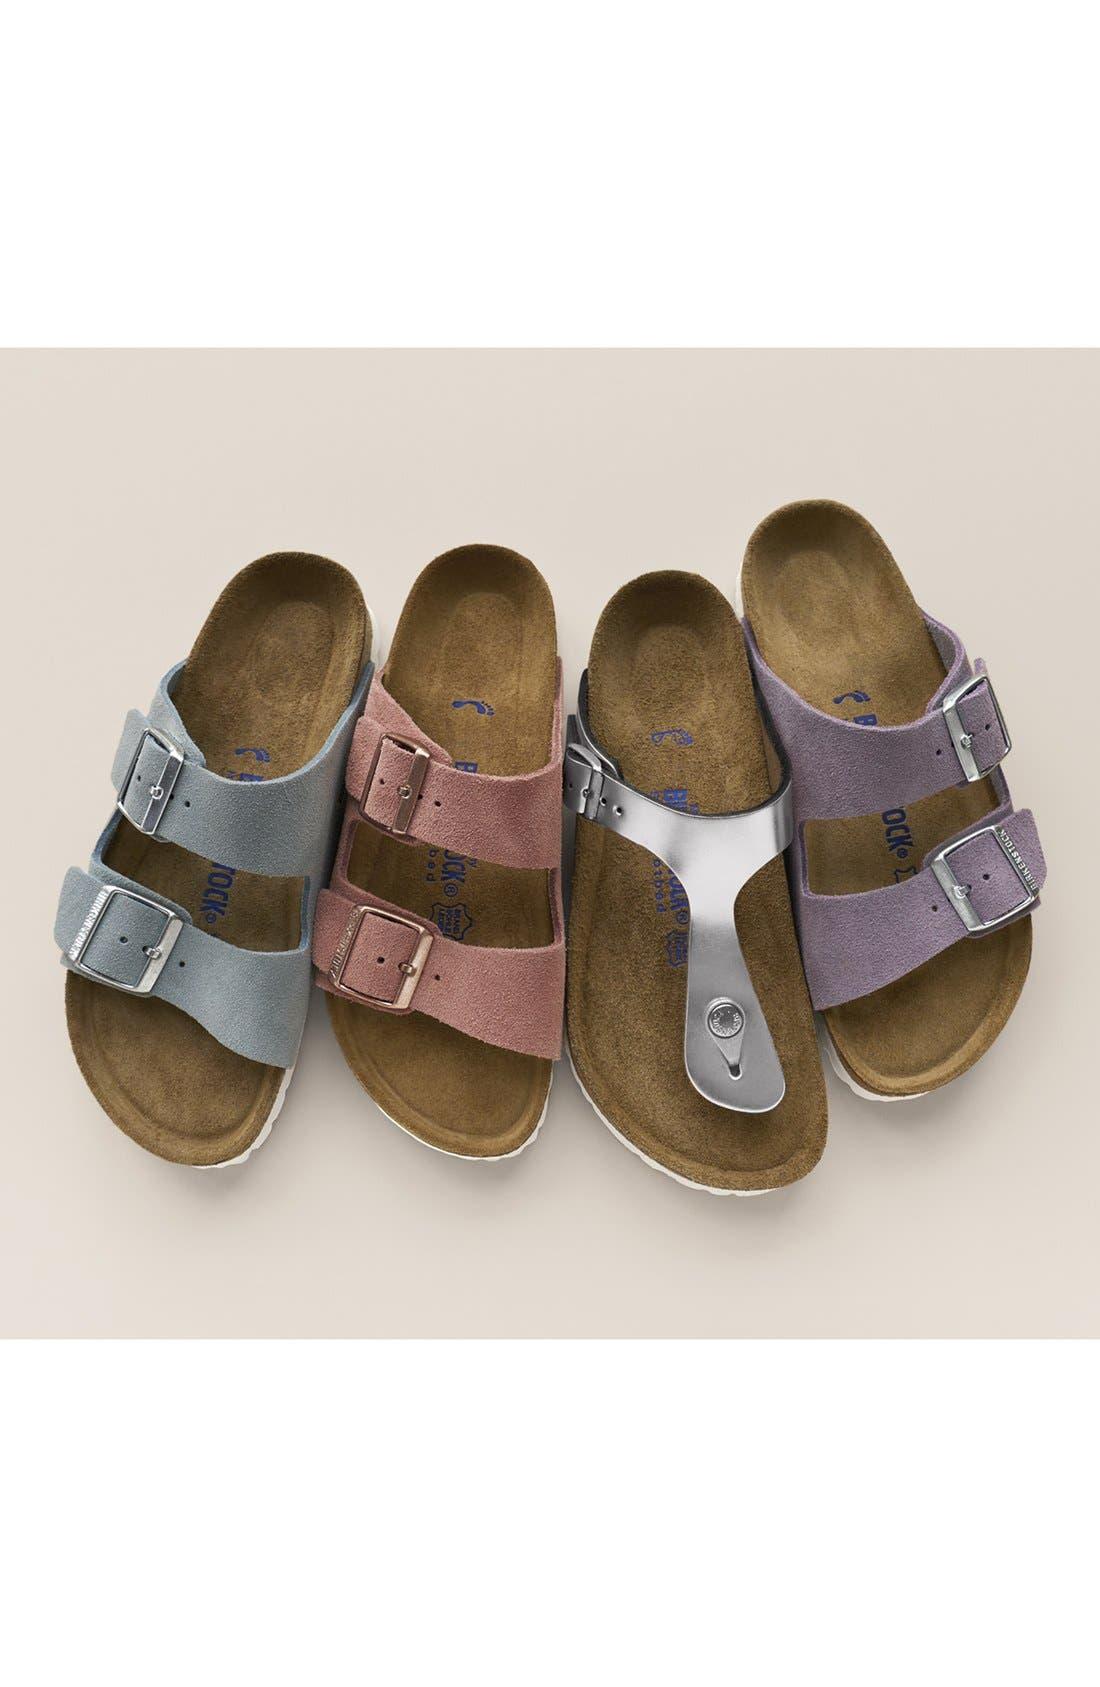 birkenstock arizona birko-flor soft footbed slide sandal (women